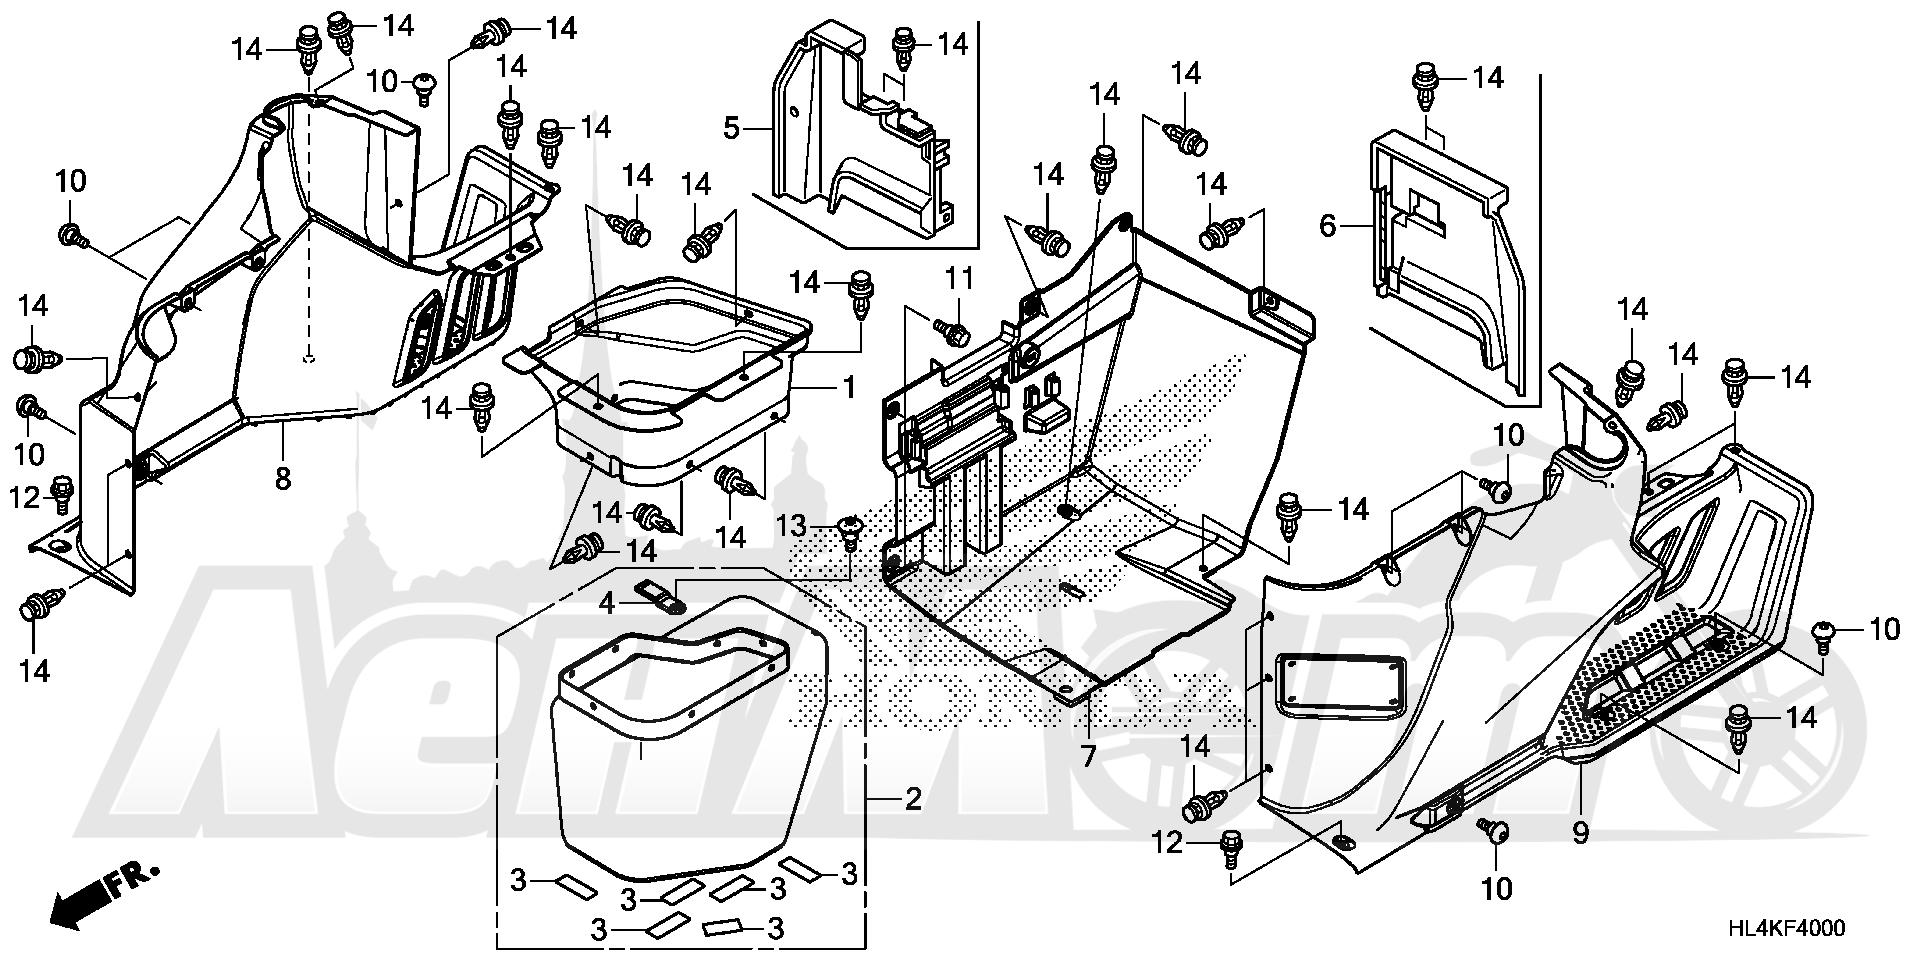 Запчасти для Квадроцикла Honda 2019 SXS1000M3P Раздел: SIDE COVER   боковая сторона крышка